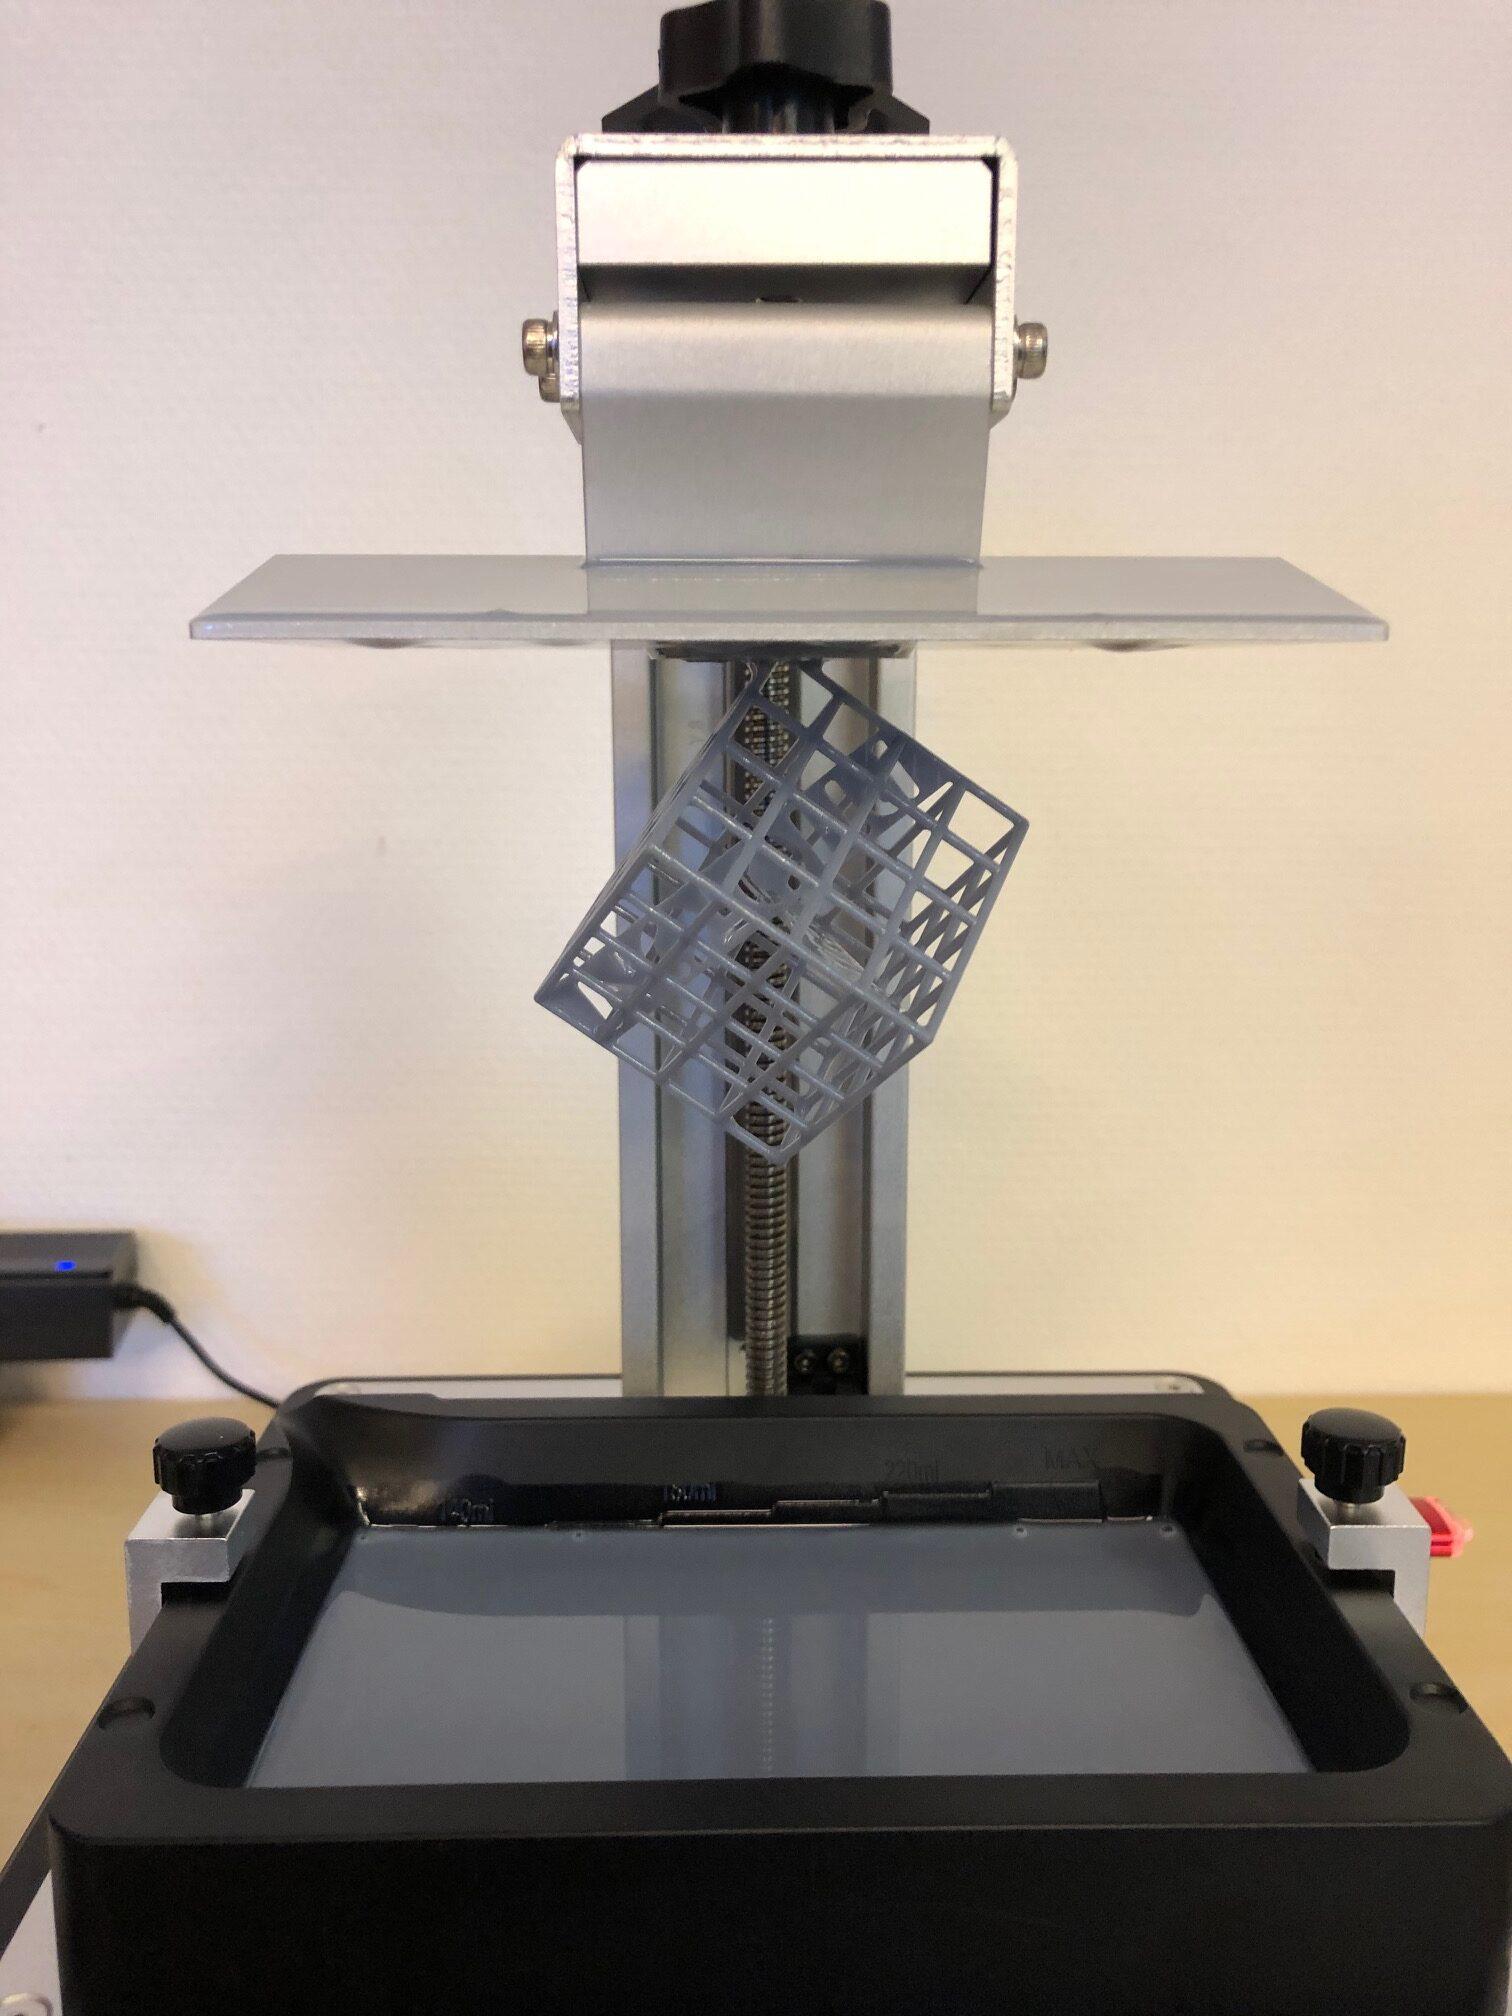 Druckplattform und Resinbehälter des Anycubic Photon Mono